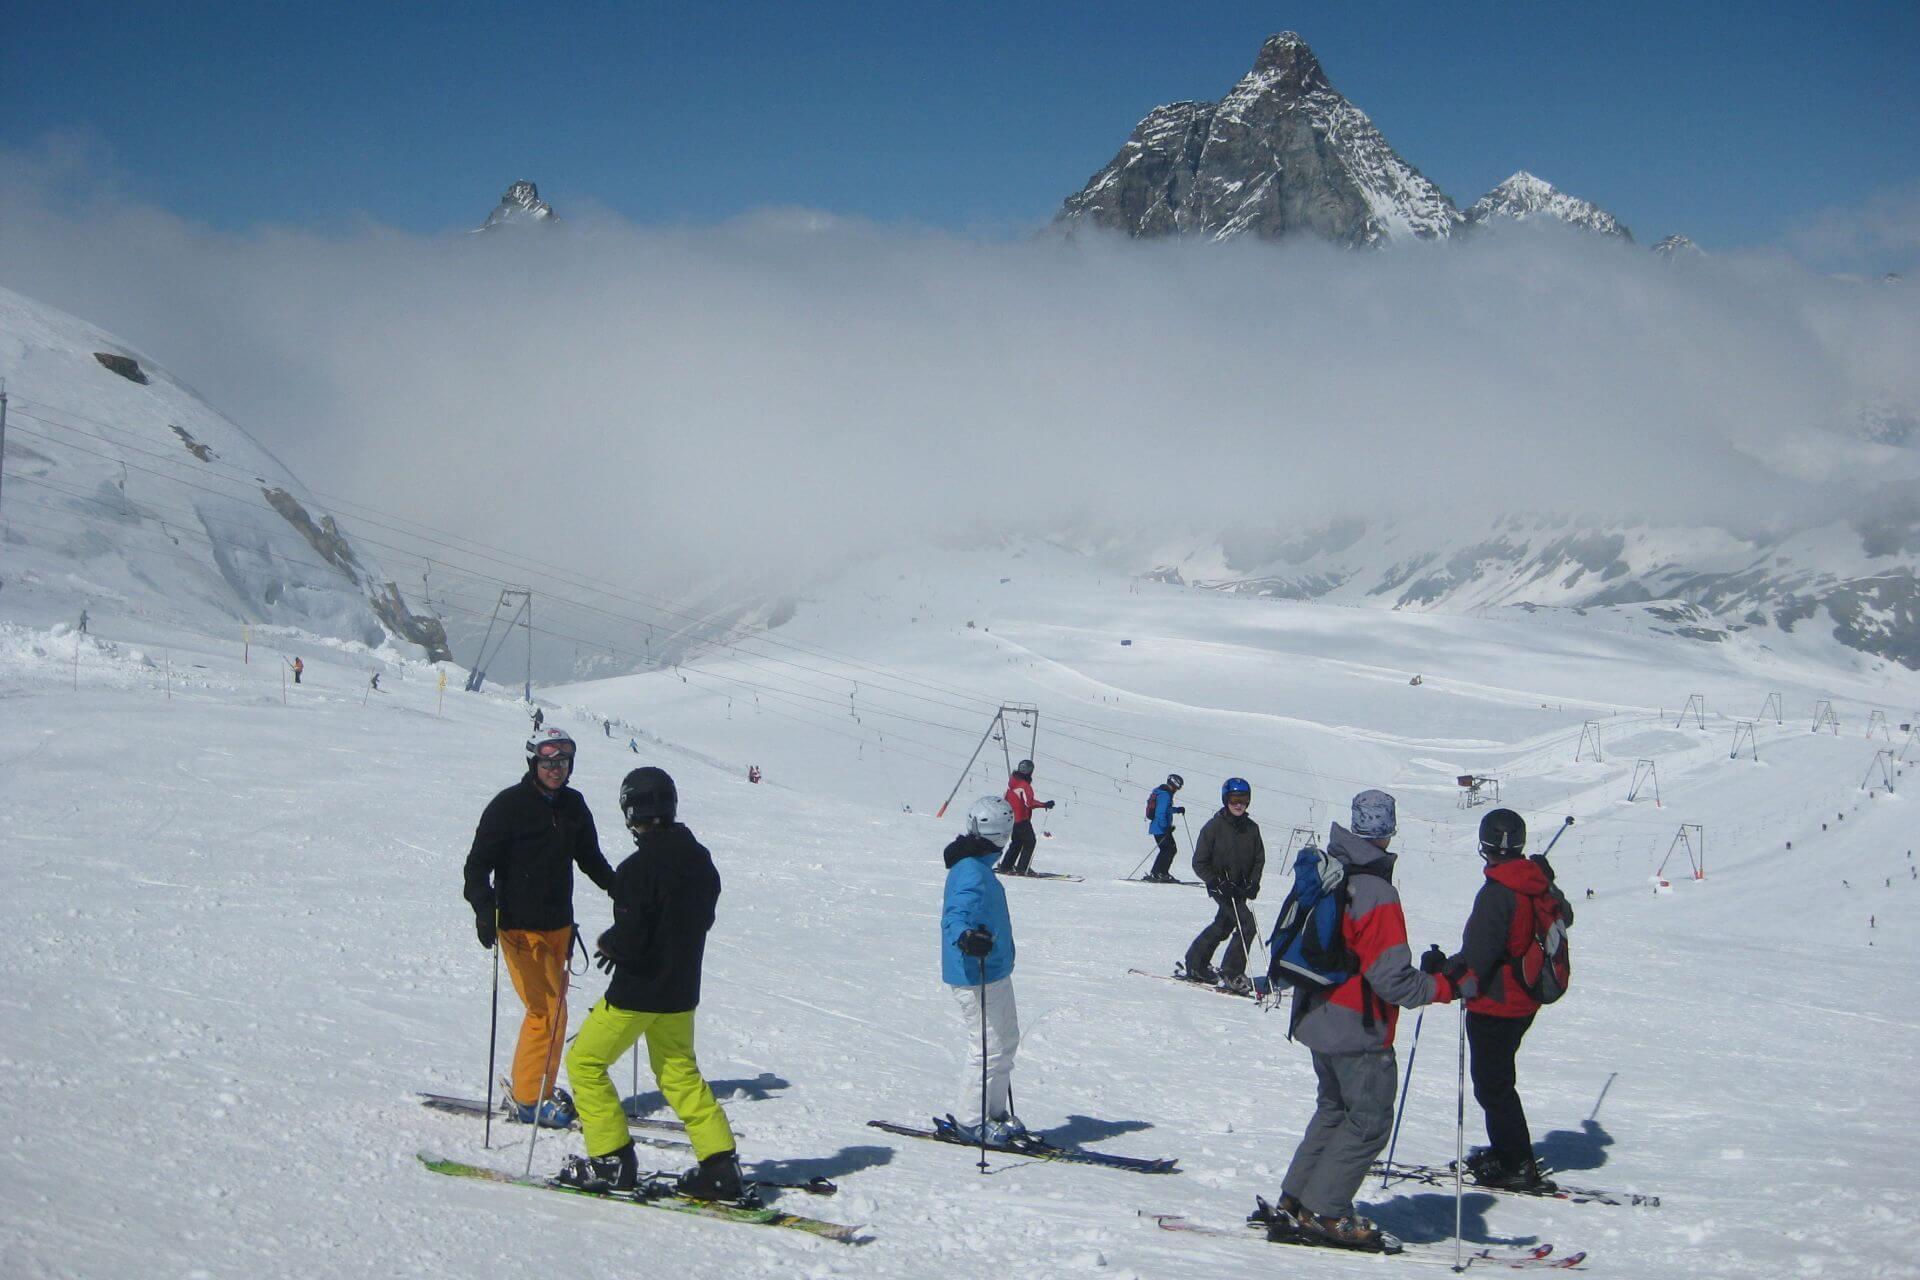 Zermatt - majowe narty u stóp Matterhornu